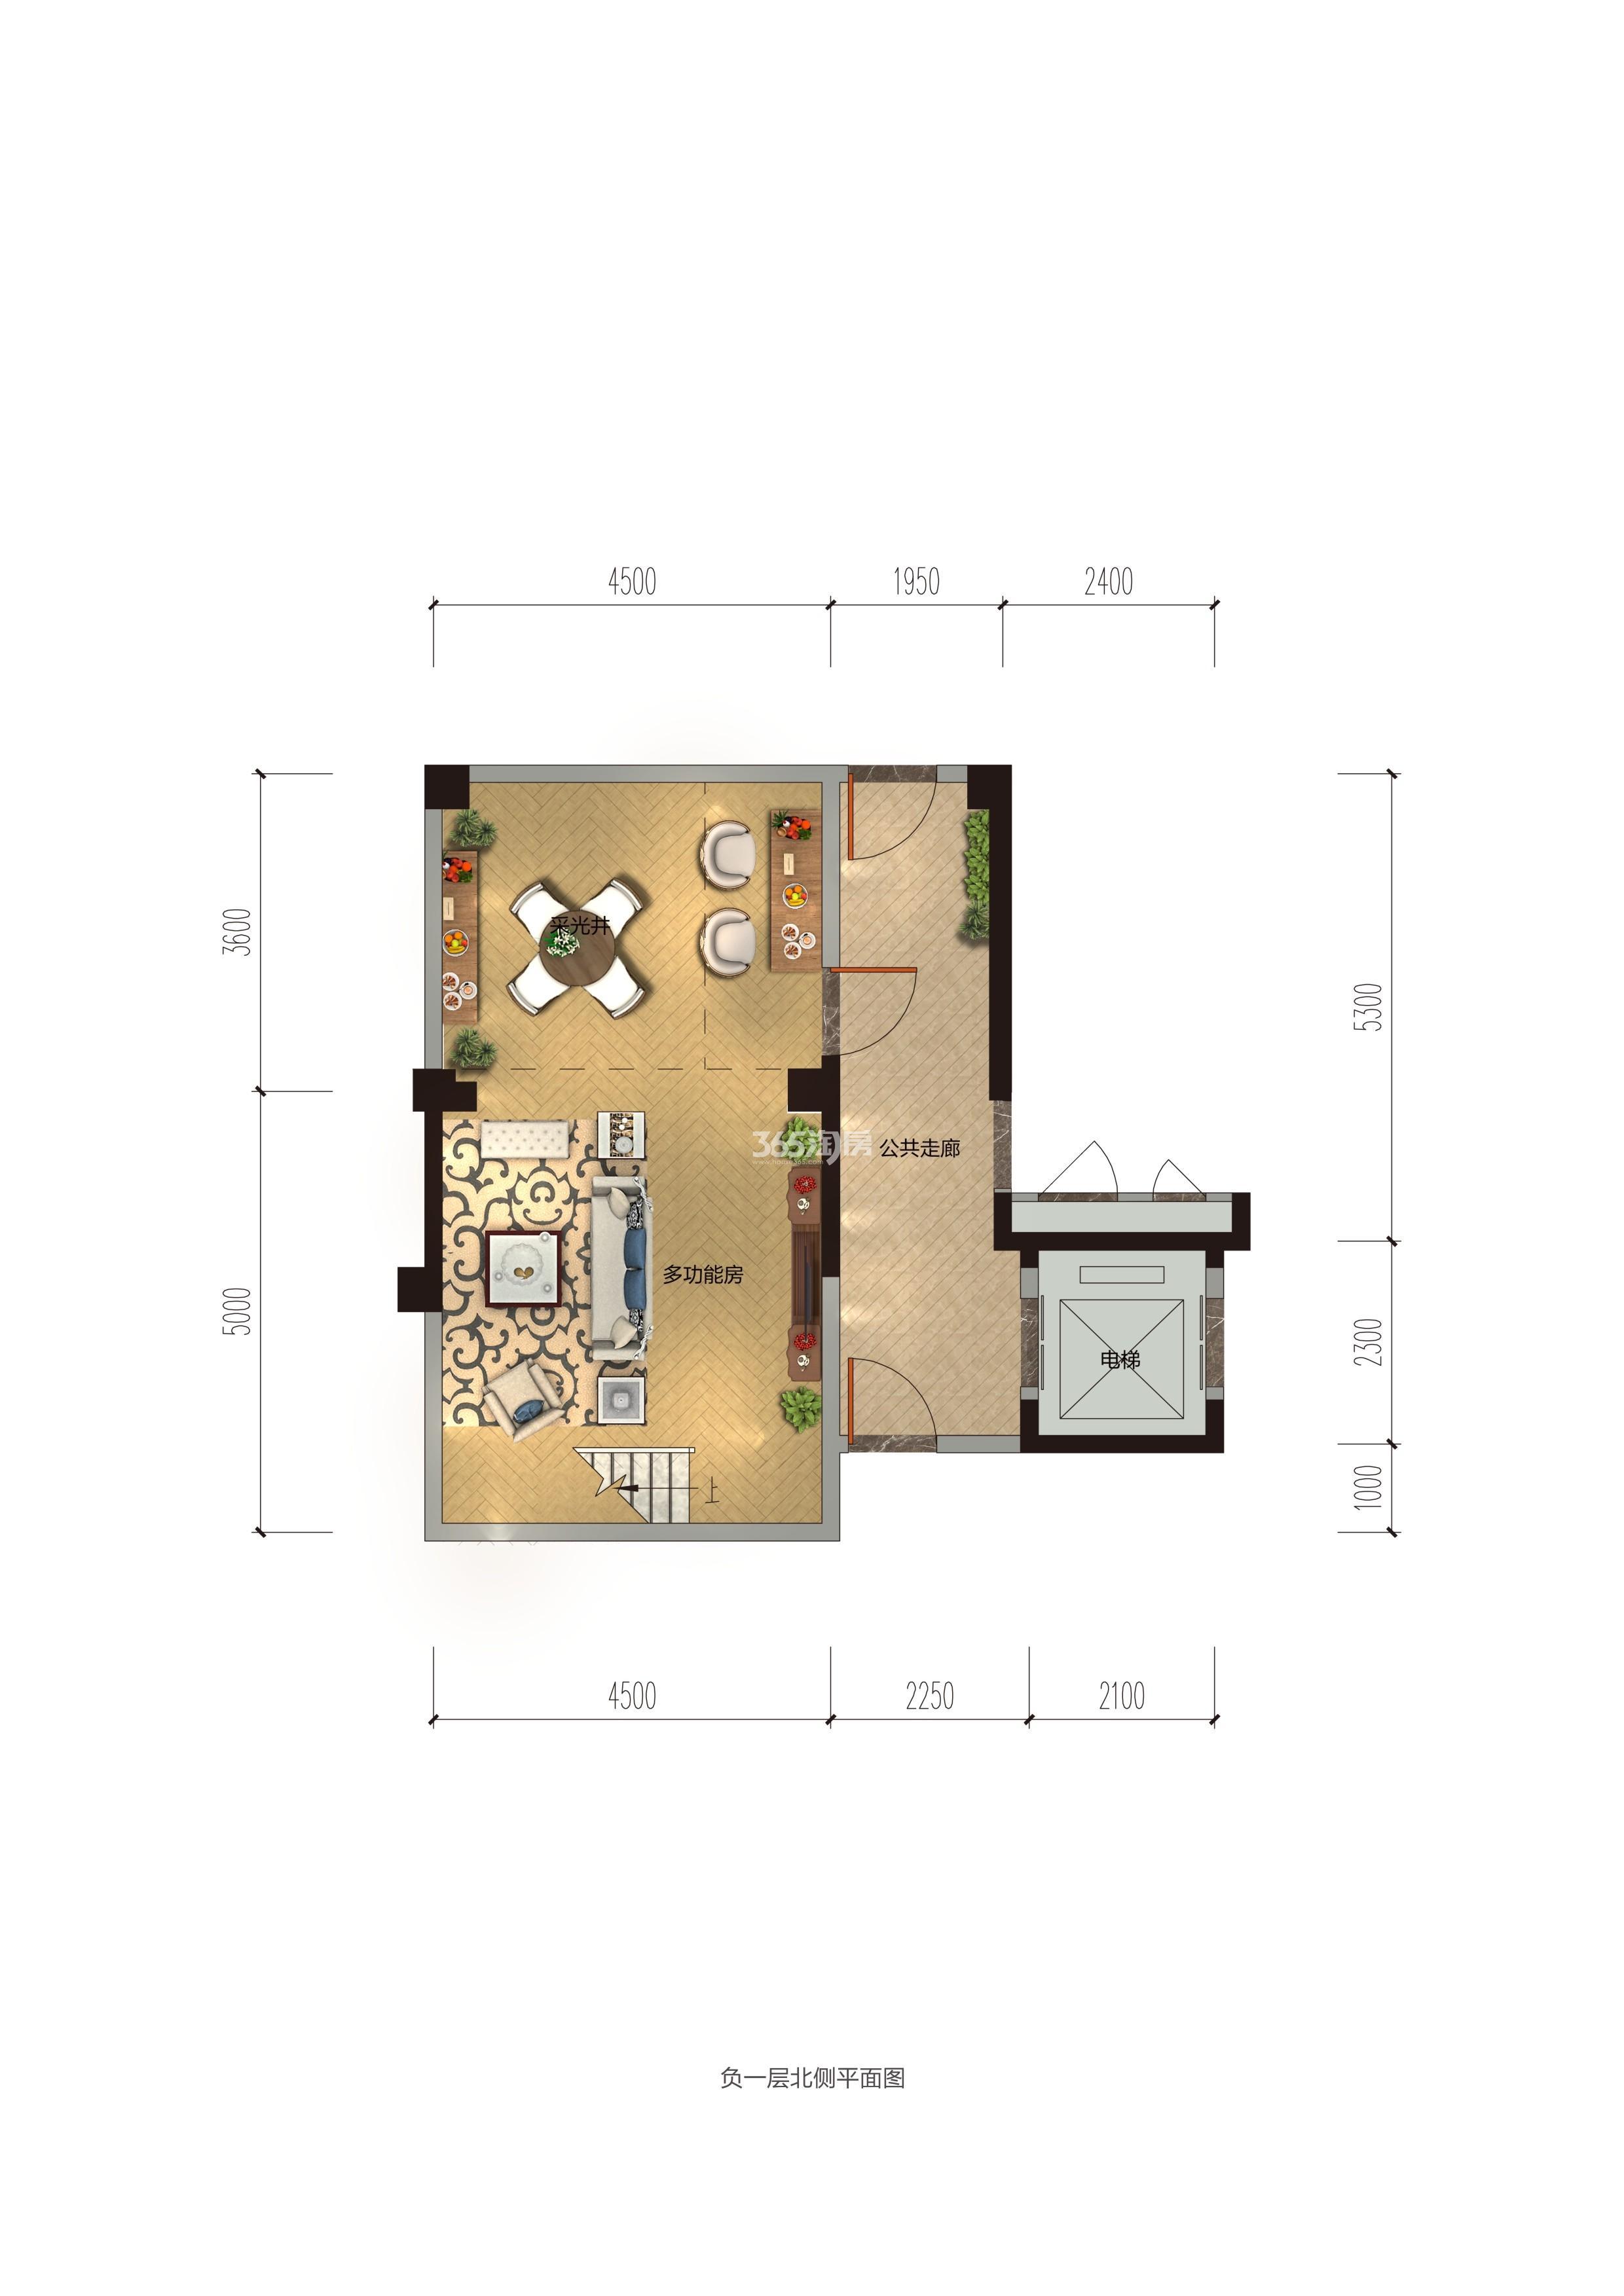 碧桂园香湖湾1号项目157-194㎡中叠(地下)户型图